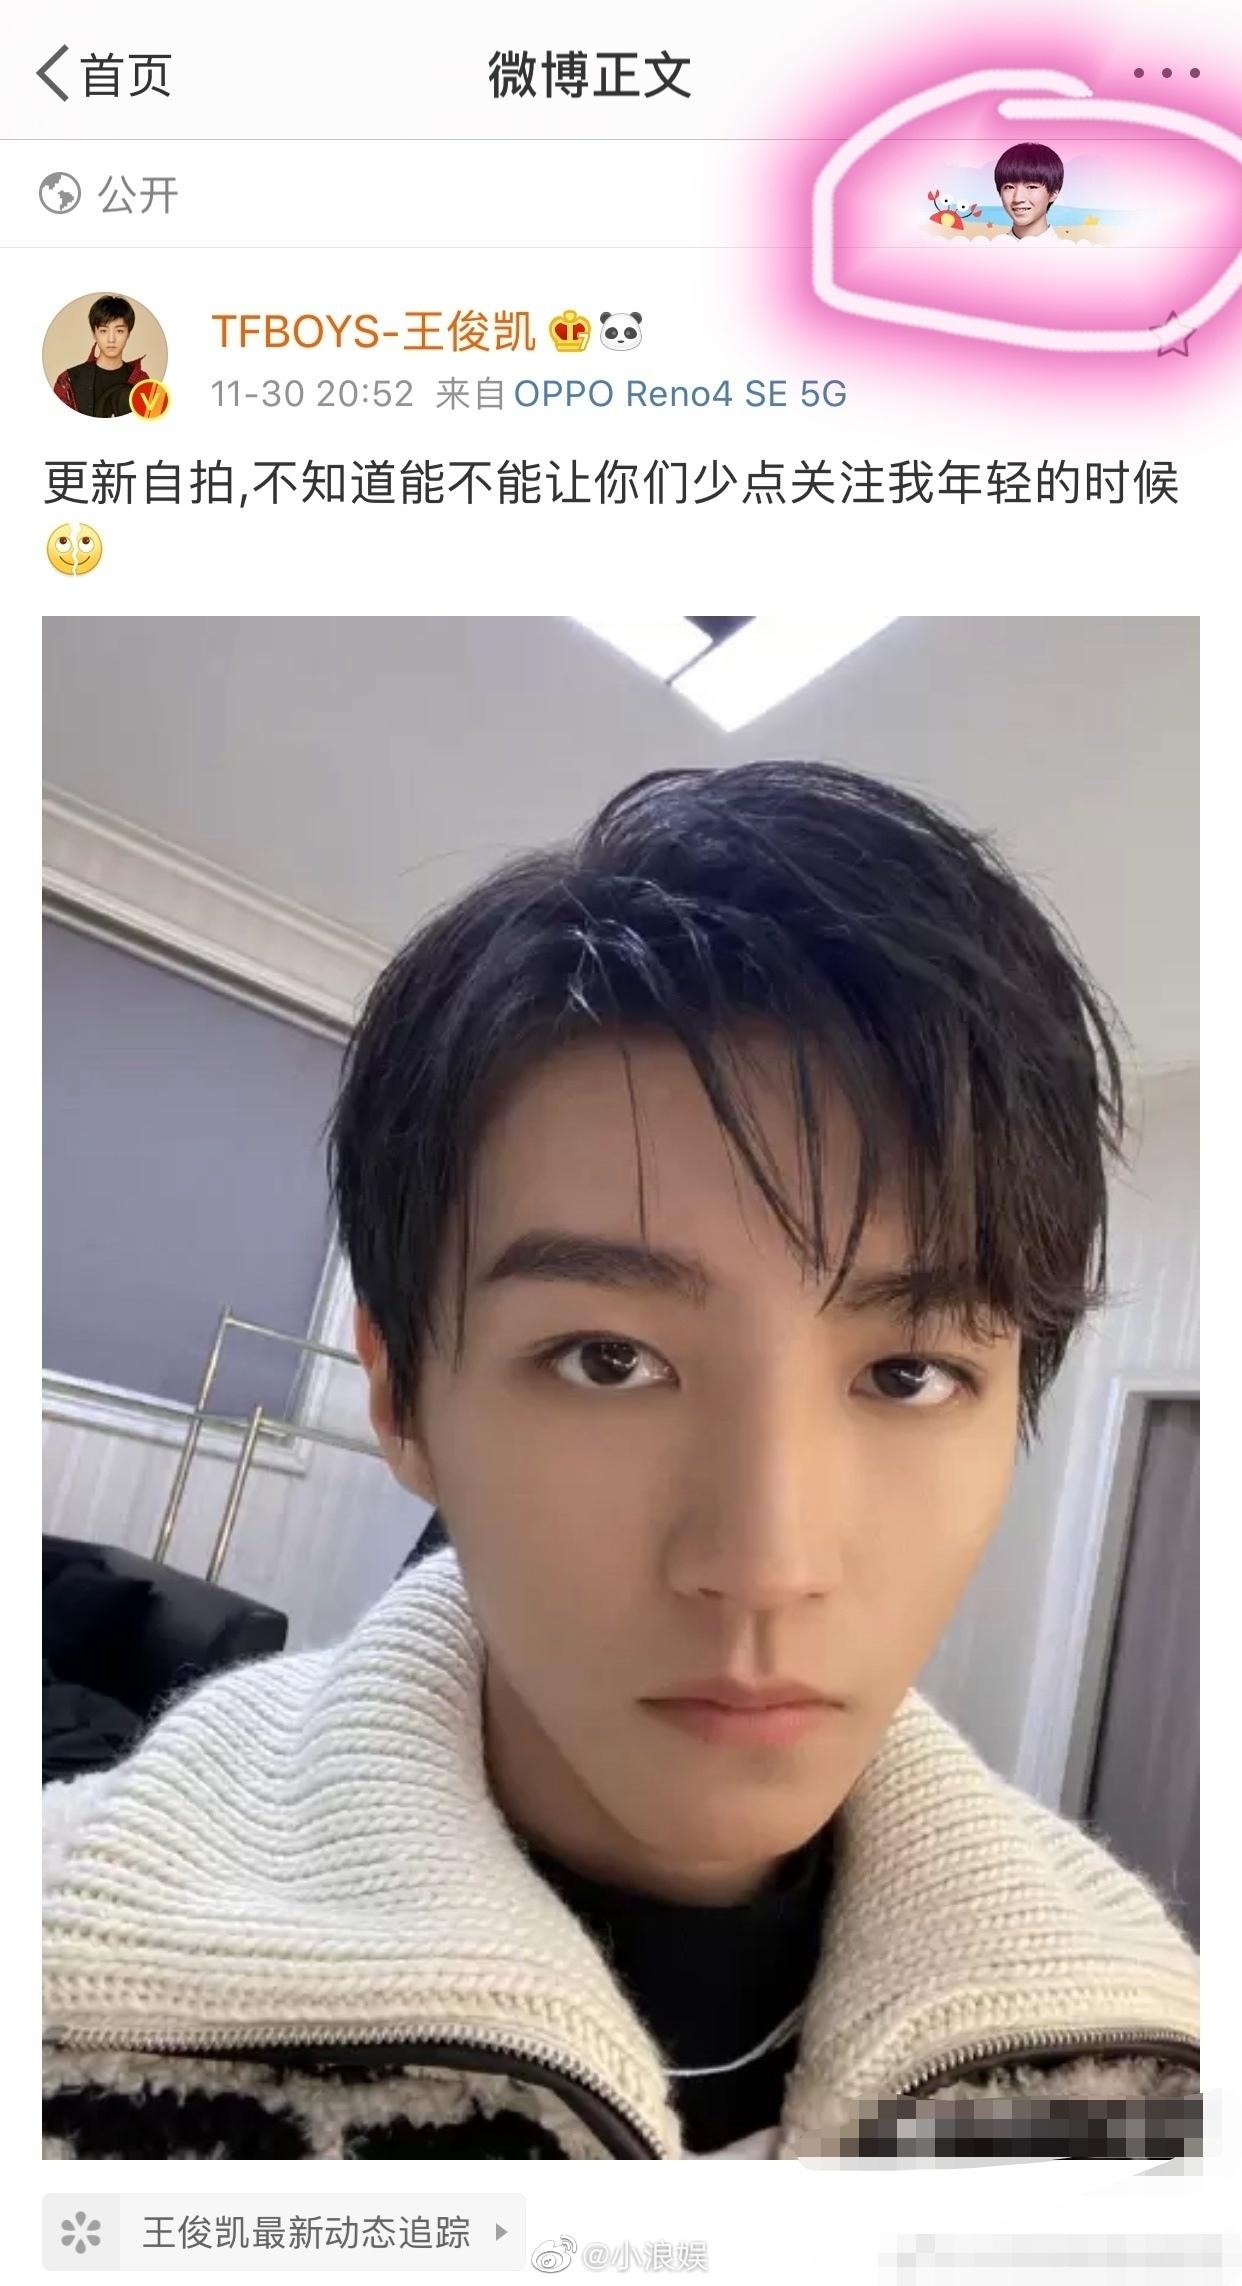 王俊凯发文并配上自拍照,要求大家不要关注他小时候